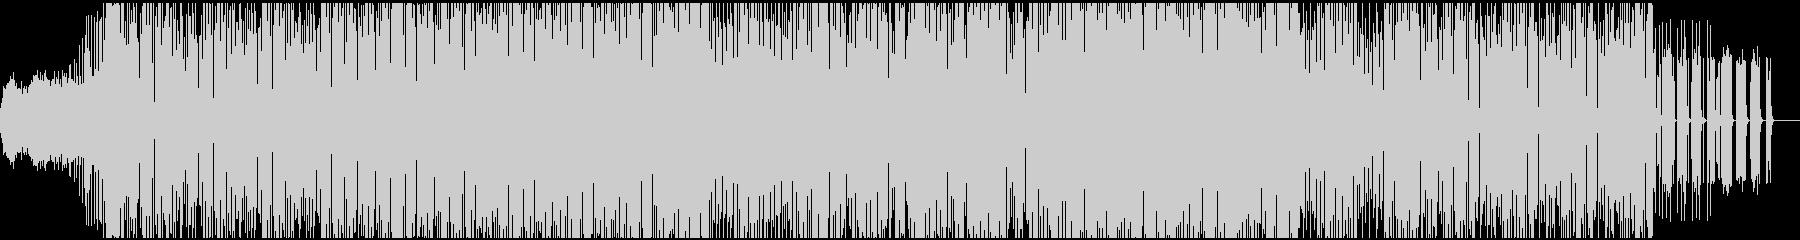 オリエンタル風メロディーが楽しいEDMの未再生の波形